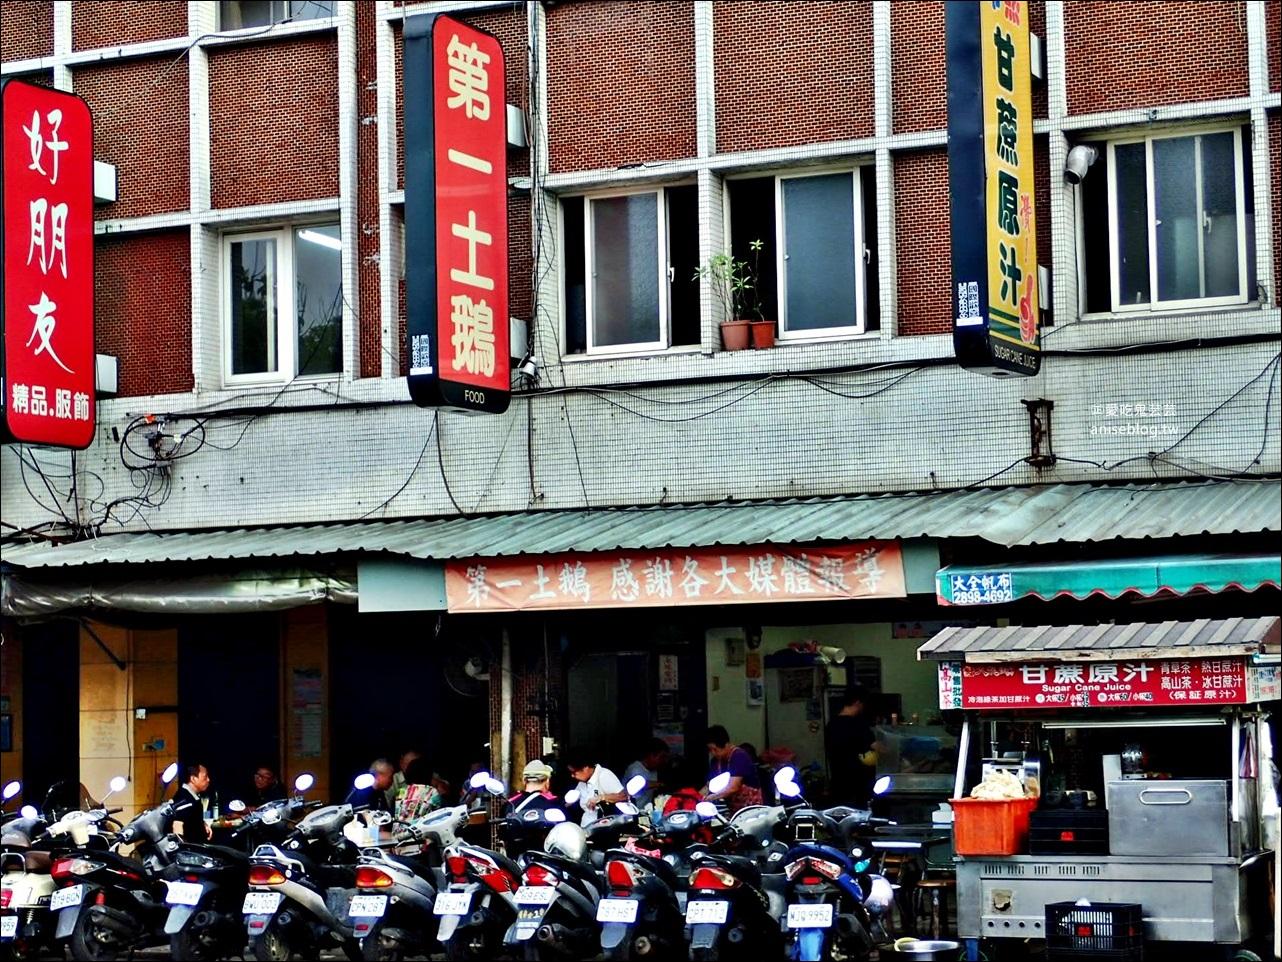 第一土鵝,傳統美味鵝肉店,大同區美食(姊姊食記)